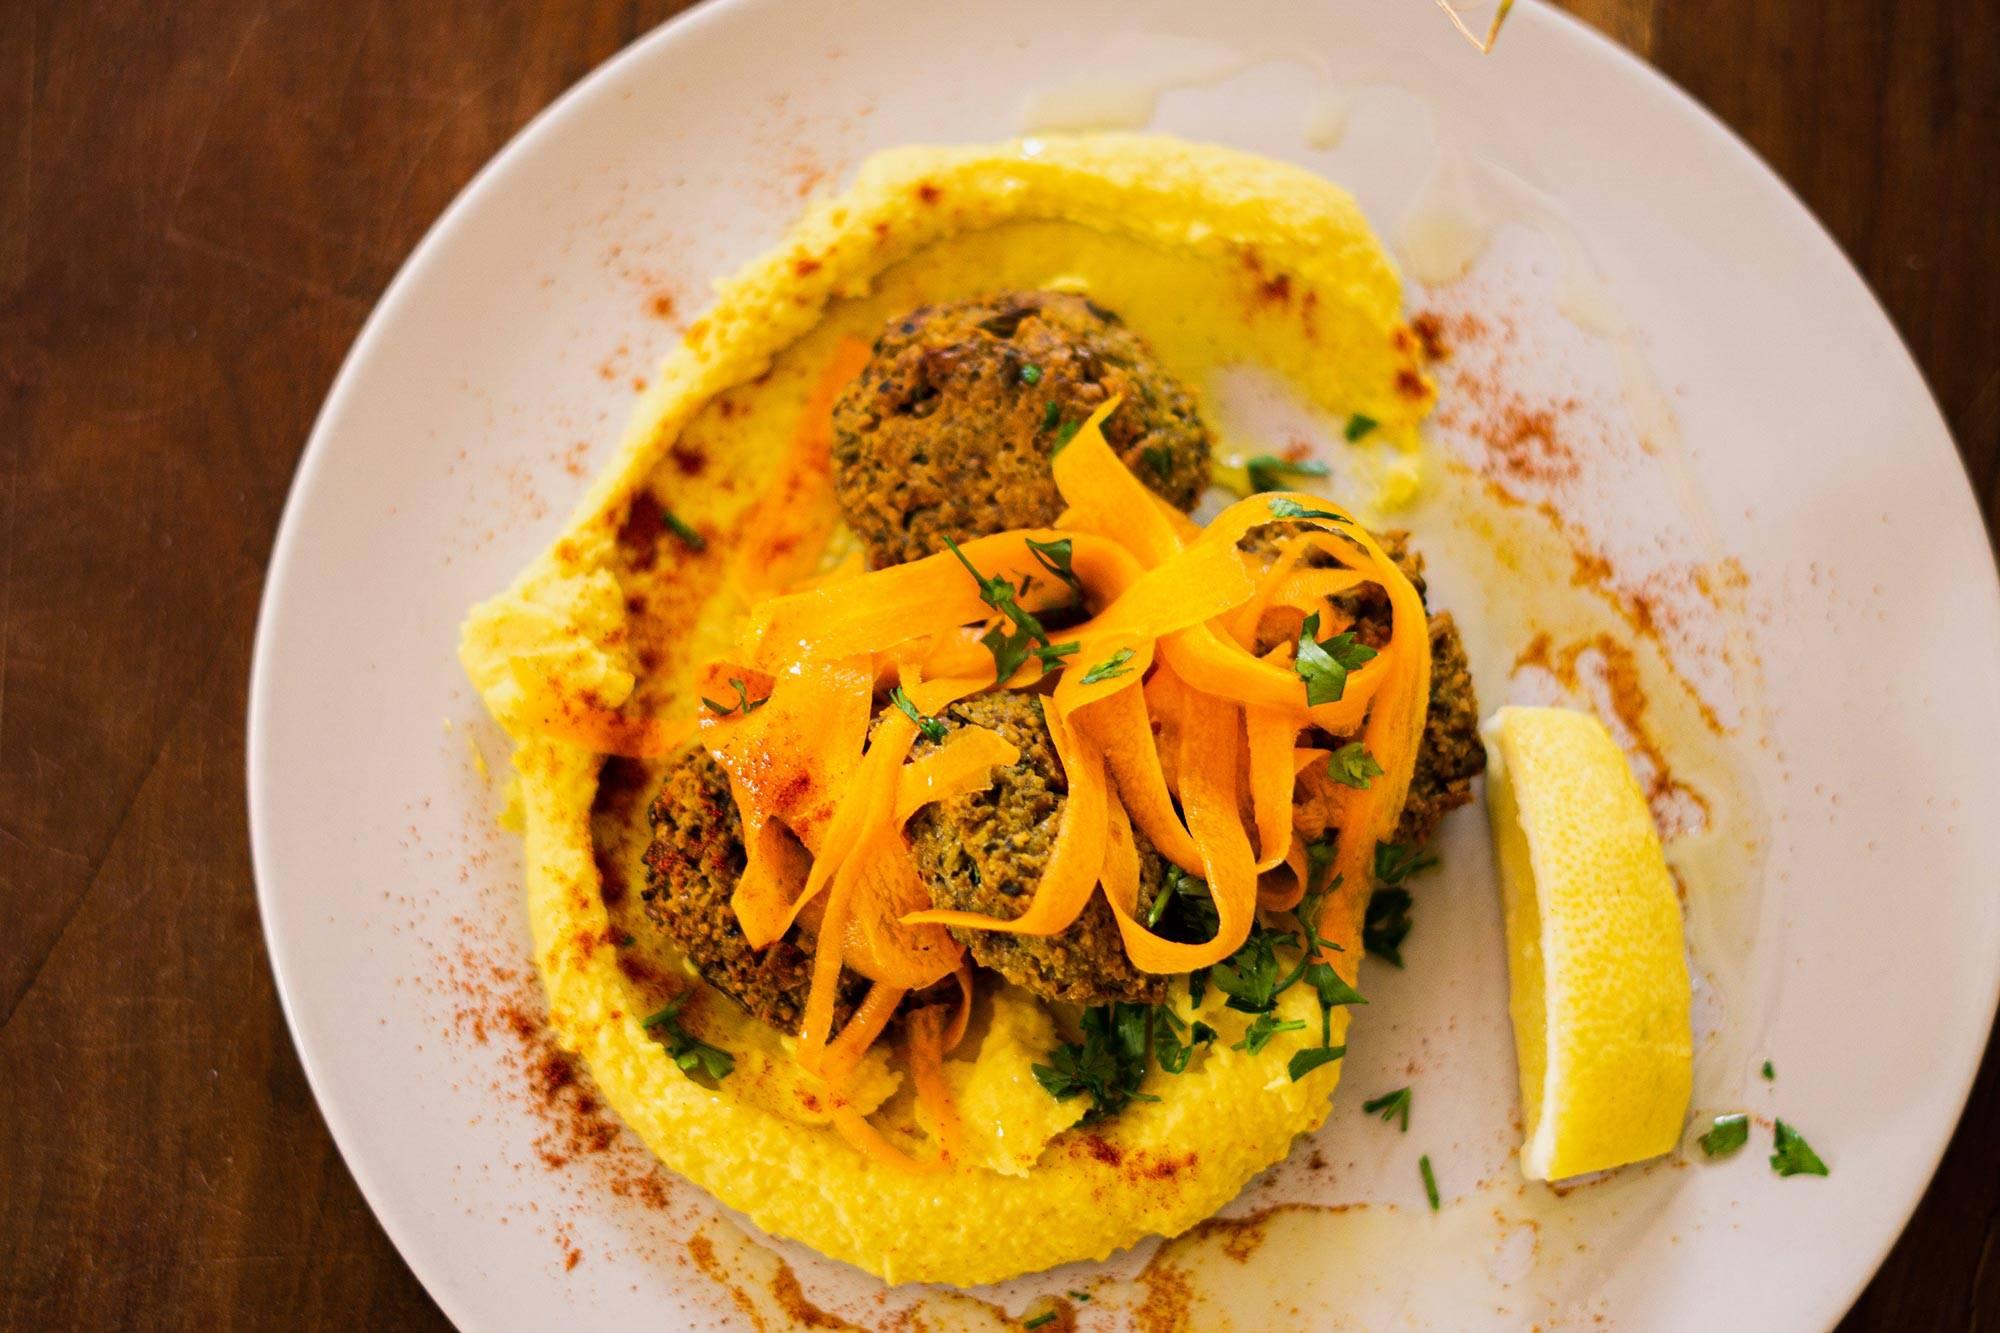 https://www.soulandsurf.com/wp-content/uploads/2021/07/@joeliooo_Food_Falafel_1.jpg Image